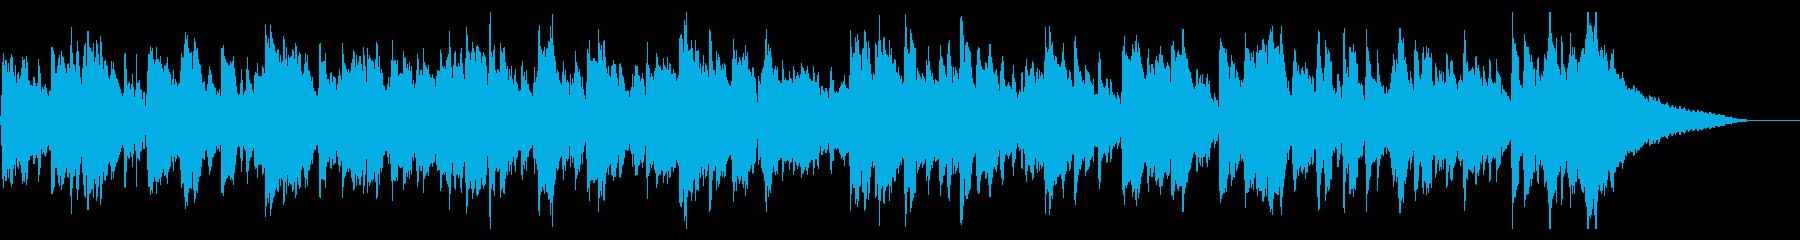 おだやかなレトロフォークバイオリンバンドの再生済みの波形